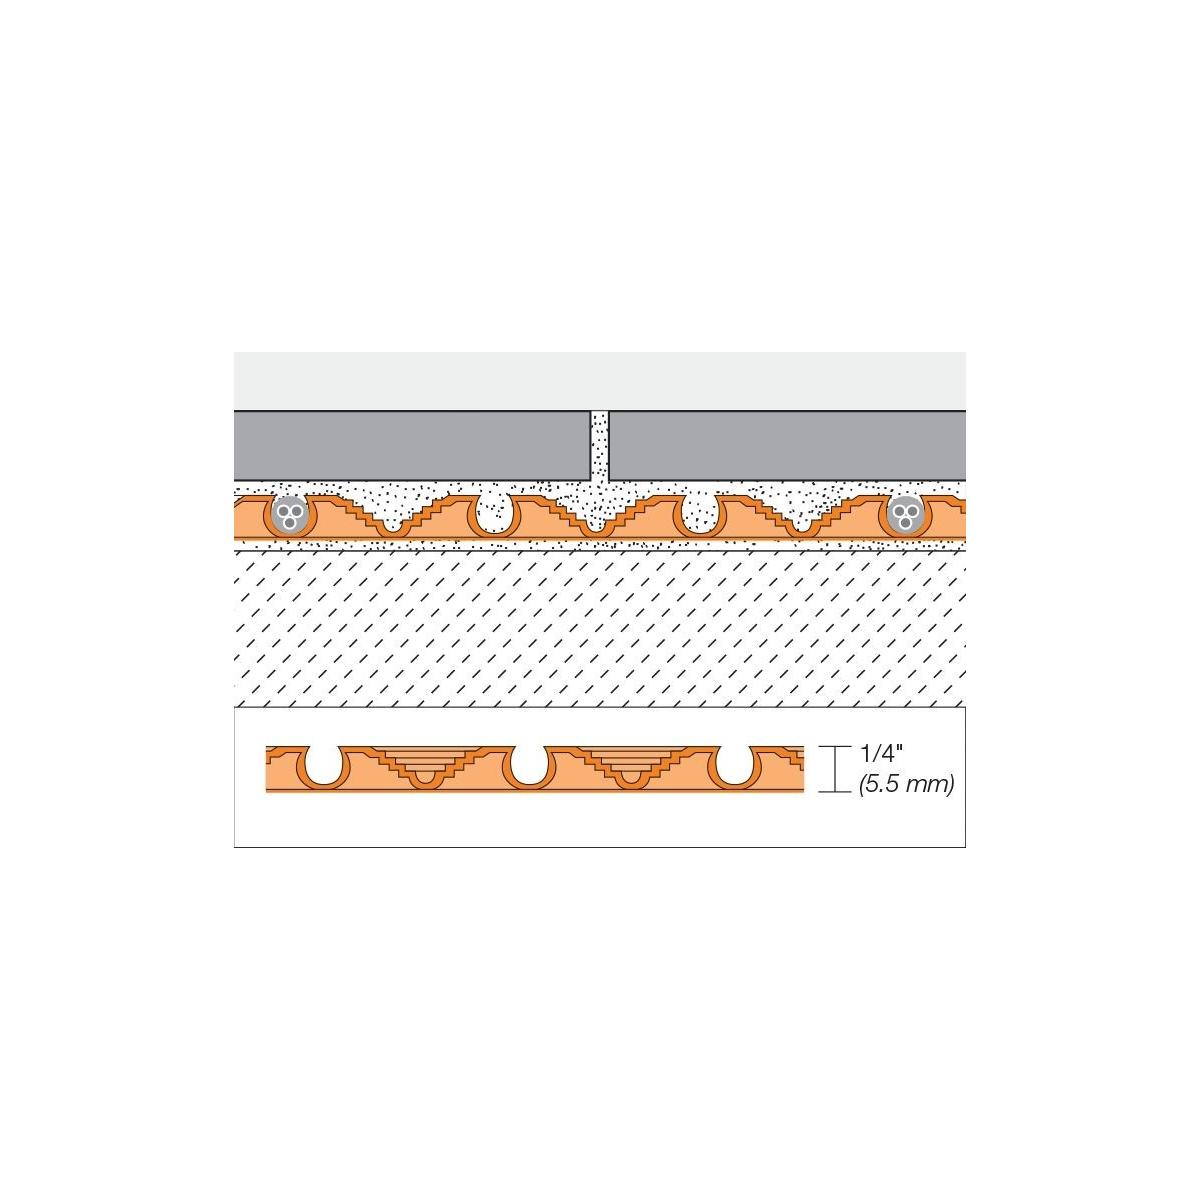 Suelo radiante mediante electricidad y termostato digital regulable y programable y wifi Schüter Systems